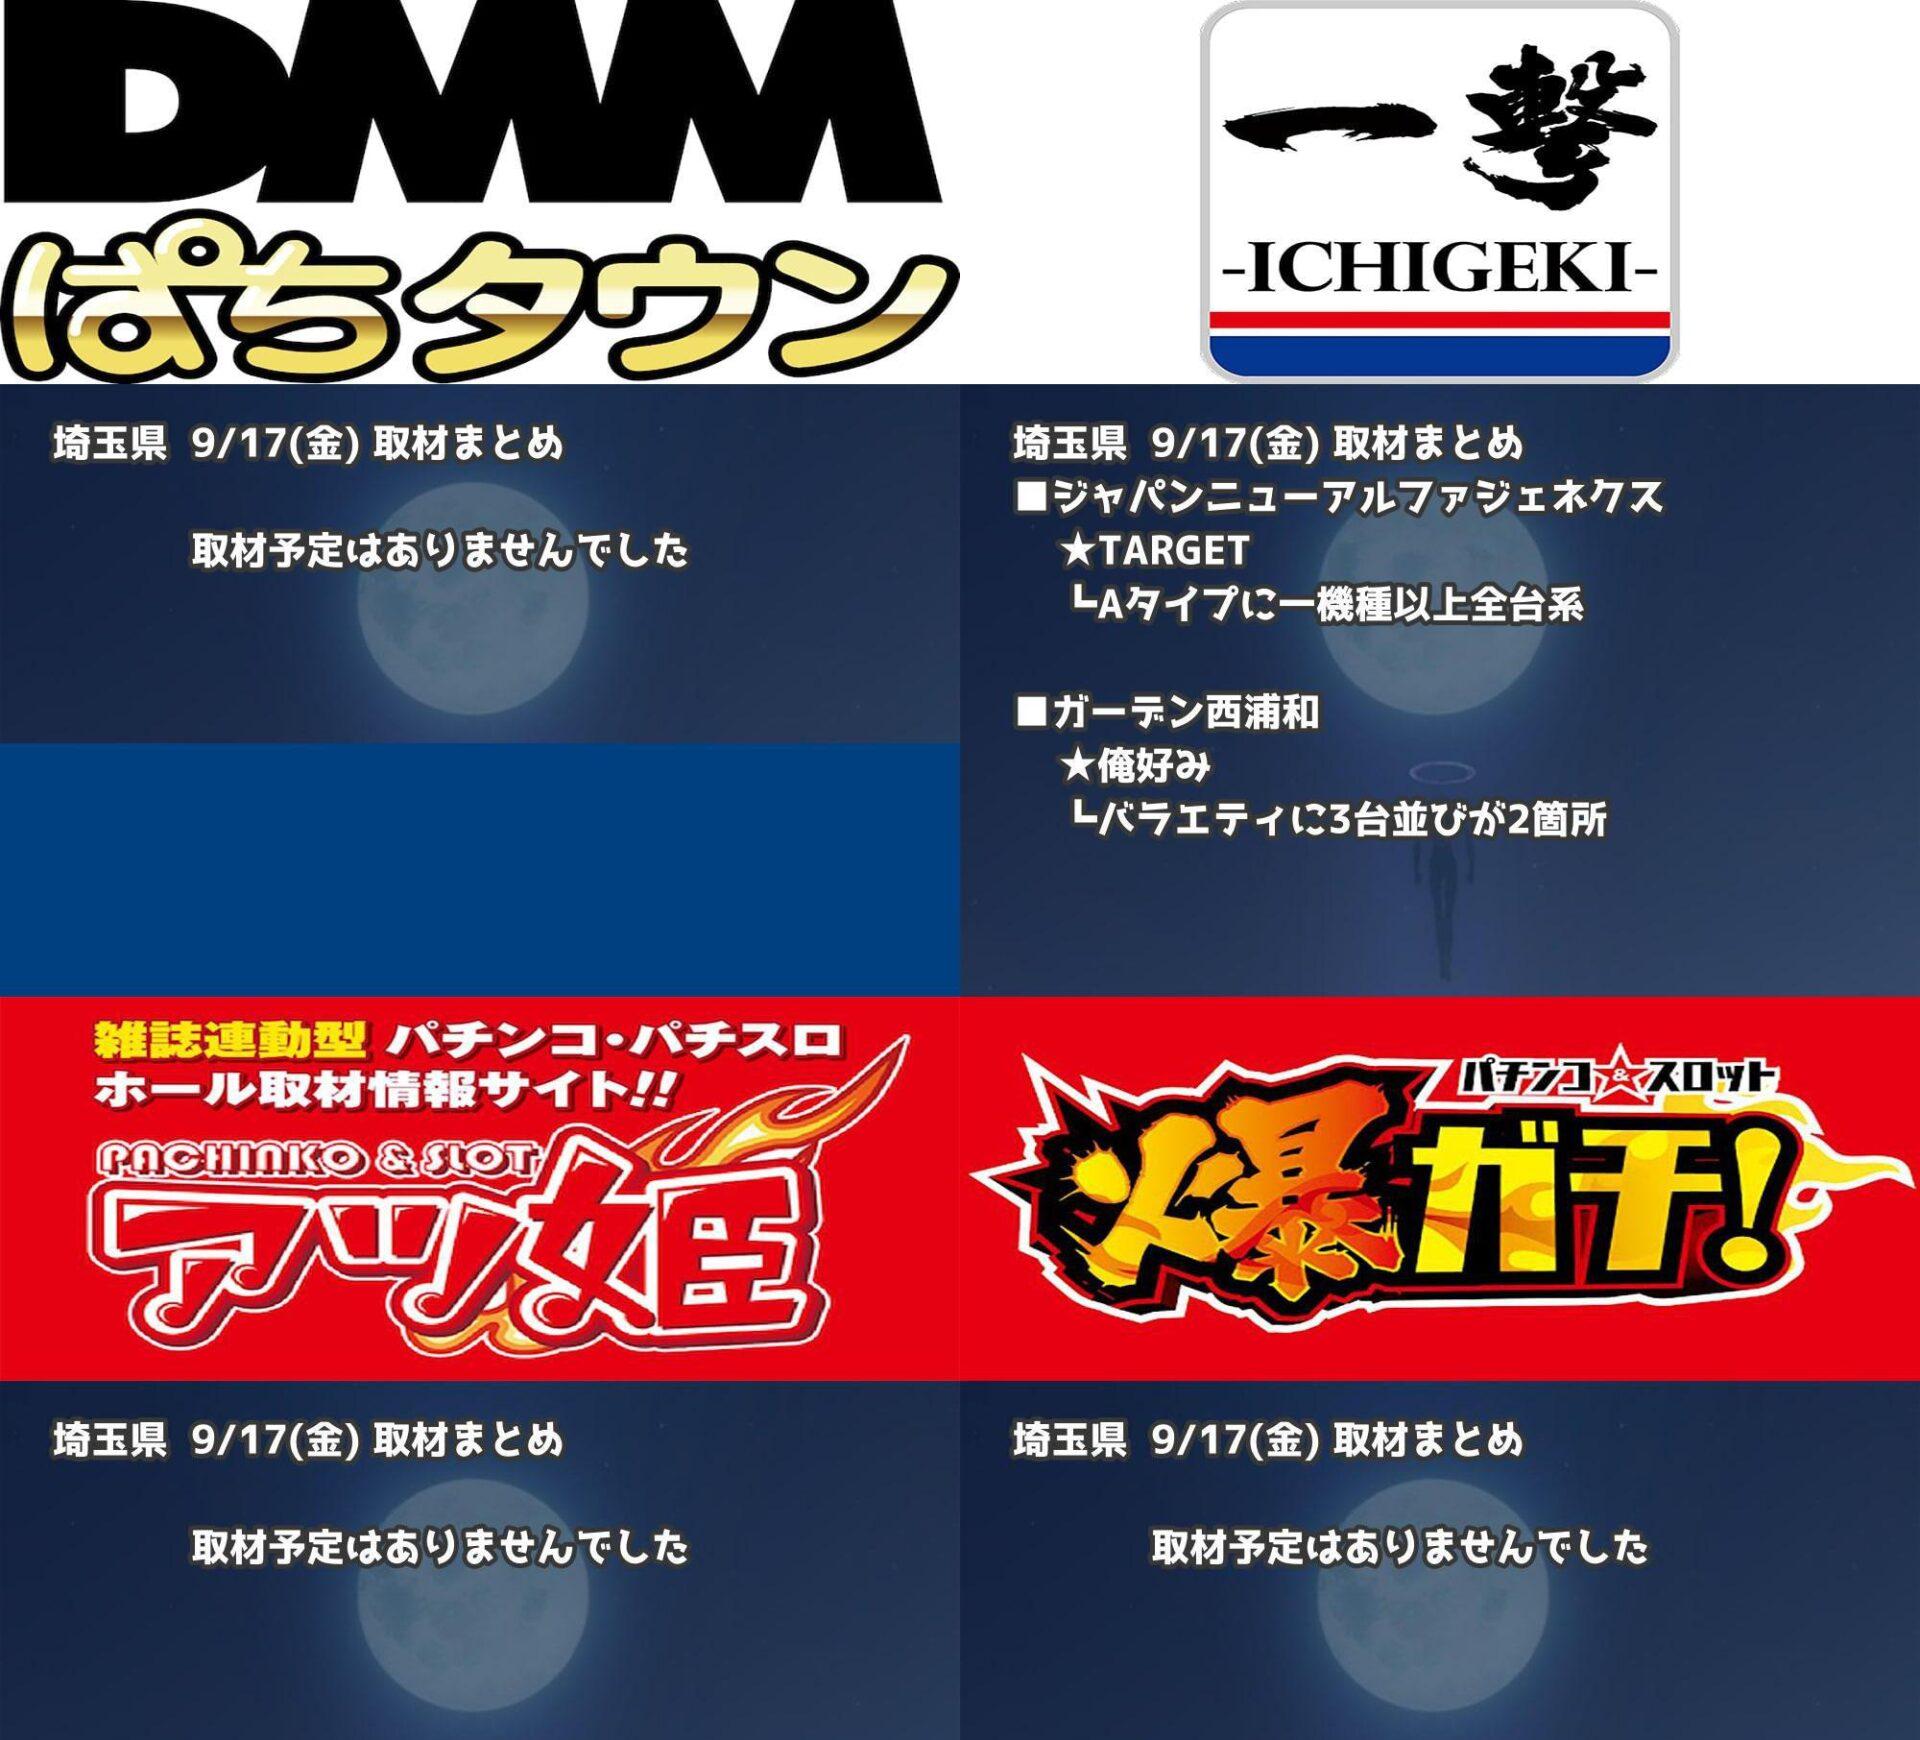 埼玉県_2021-09-17_パチンコ・パチスロ_イベント